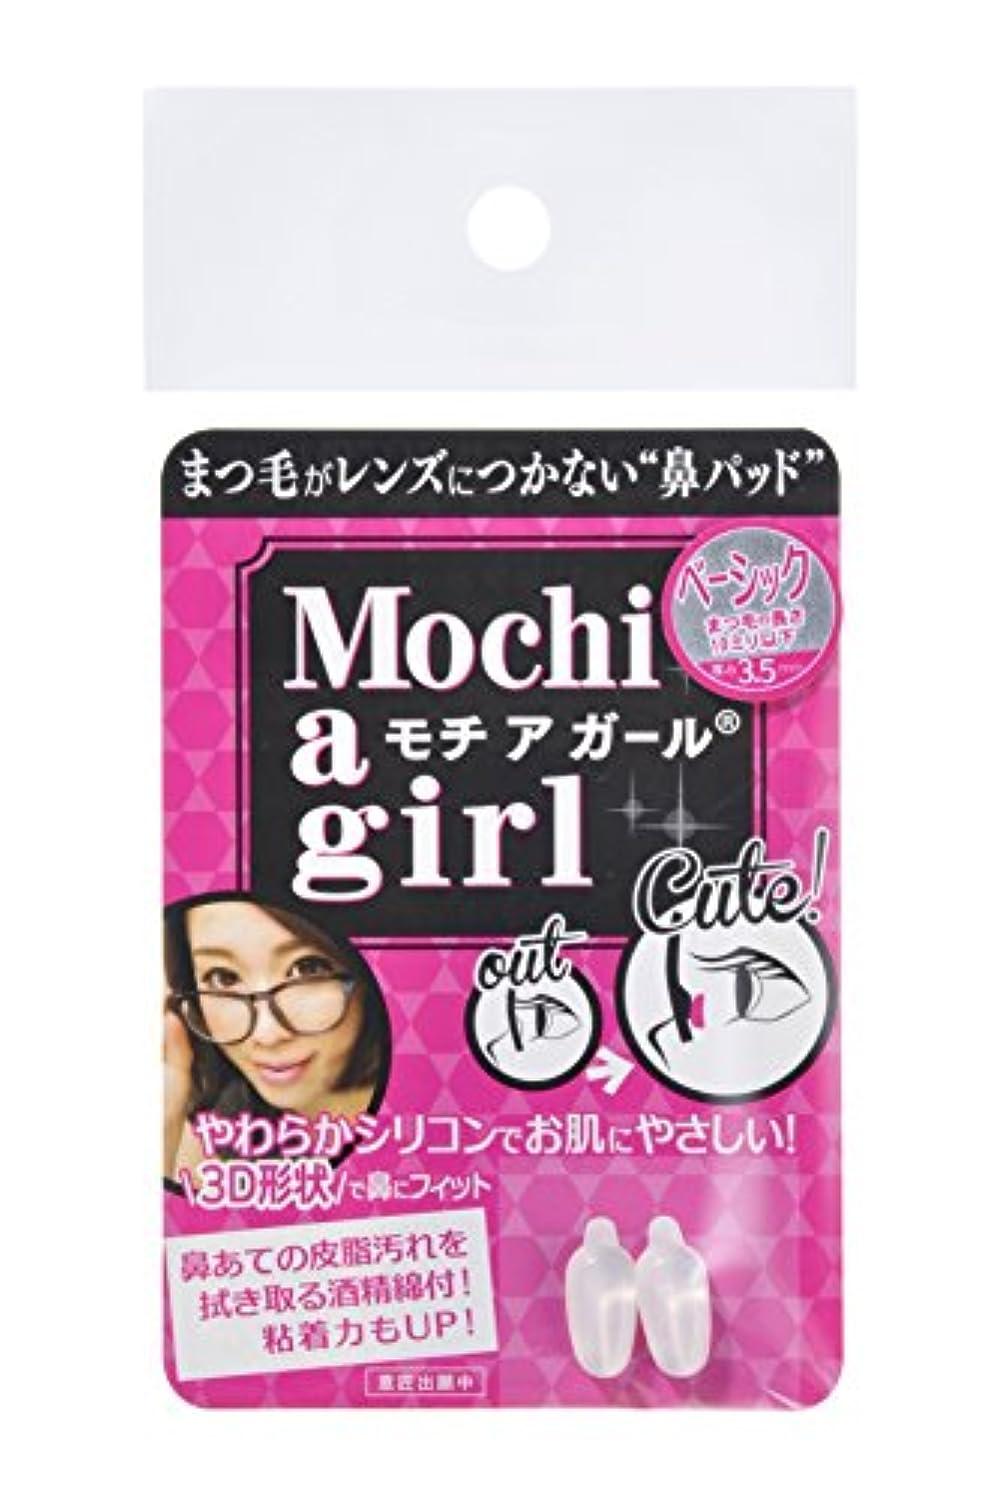 引退した複製ラグモチアガール® ベーシック 【厚み3.5mm】